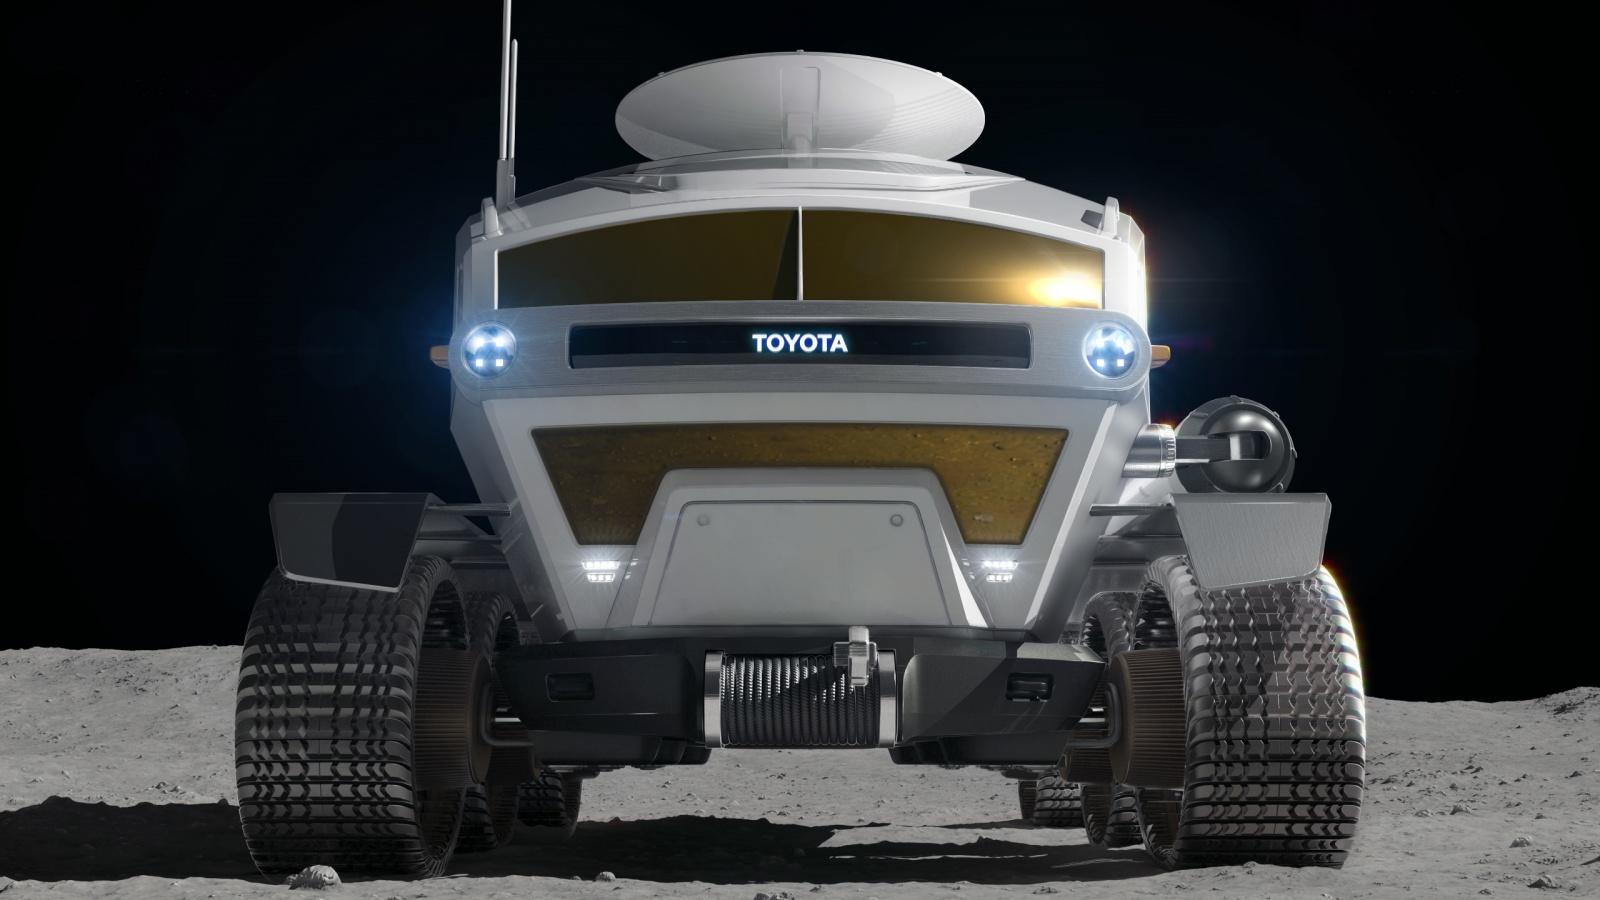 Тойота и JAXA в 2029 году планируют иметь пилотируемый ровер на Луне - 6